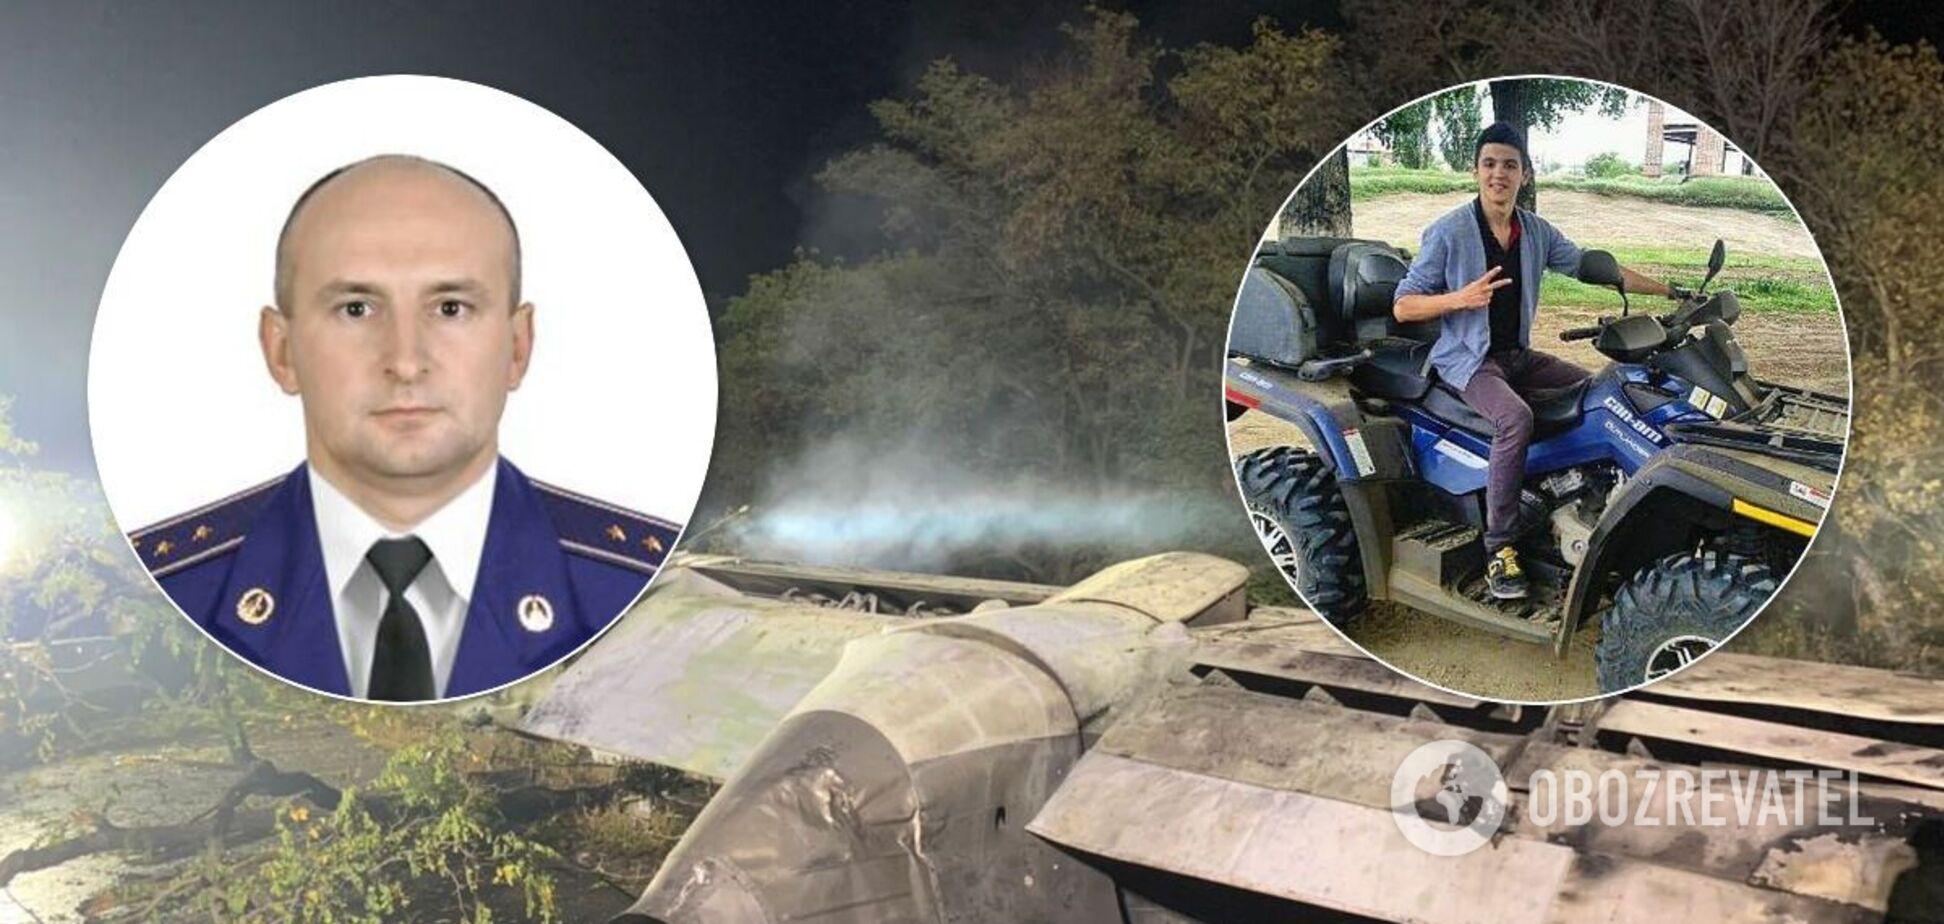 Курсант Олександр Скочков загинув в авіакатастрофі через 6 років після смерті батька